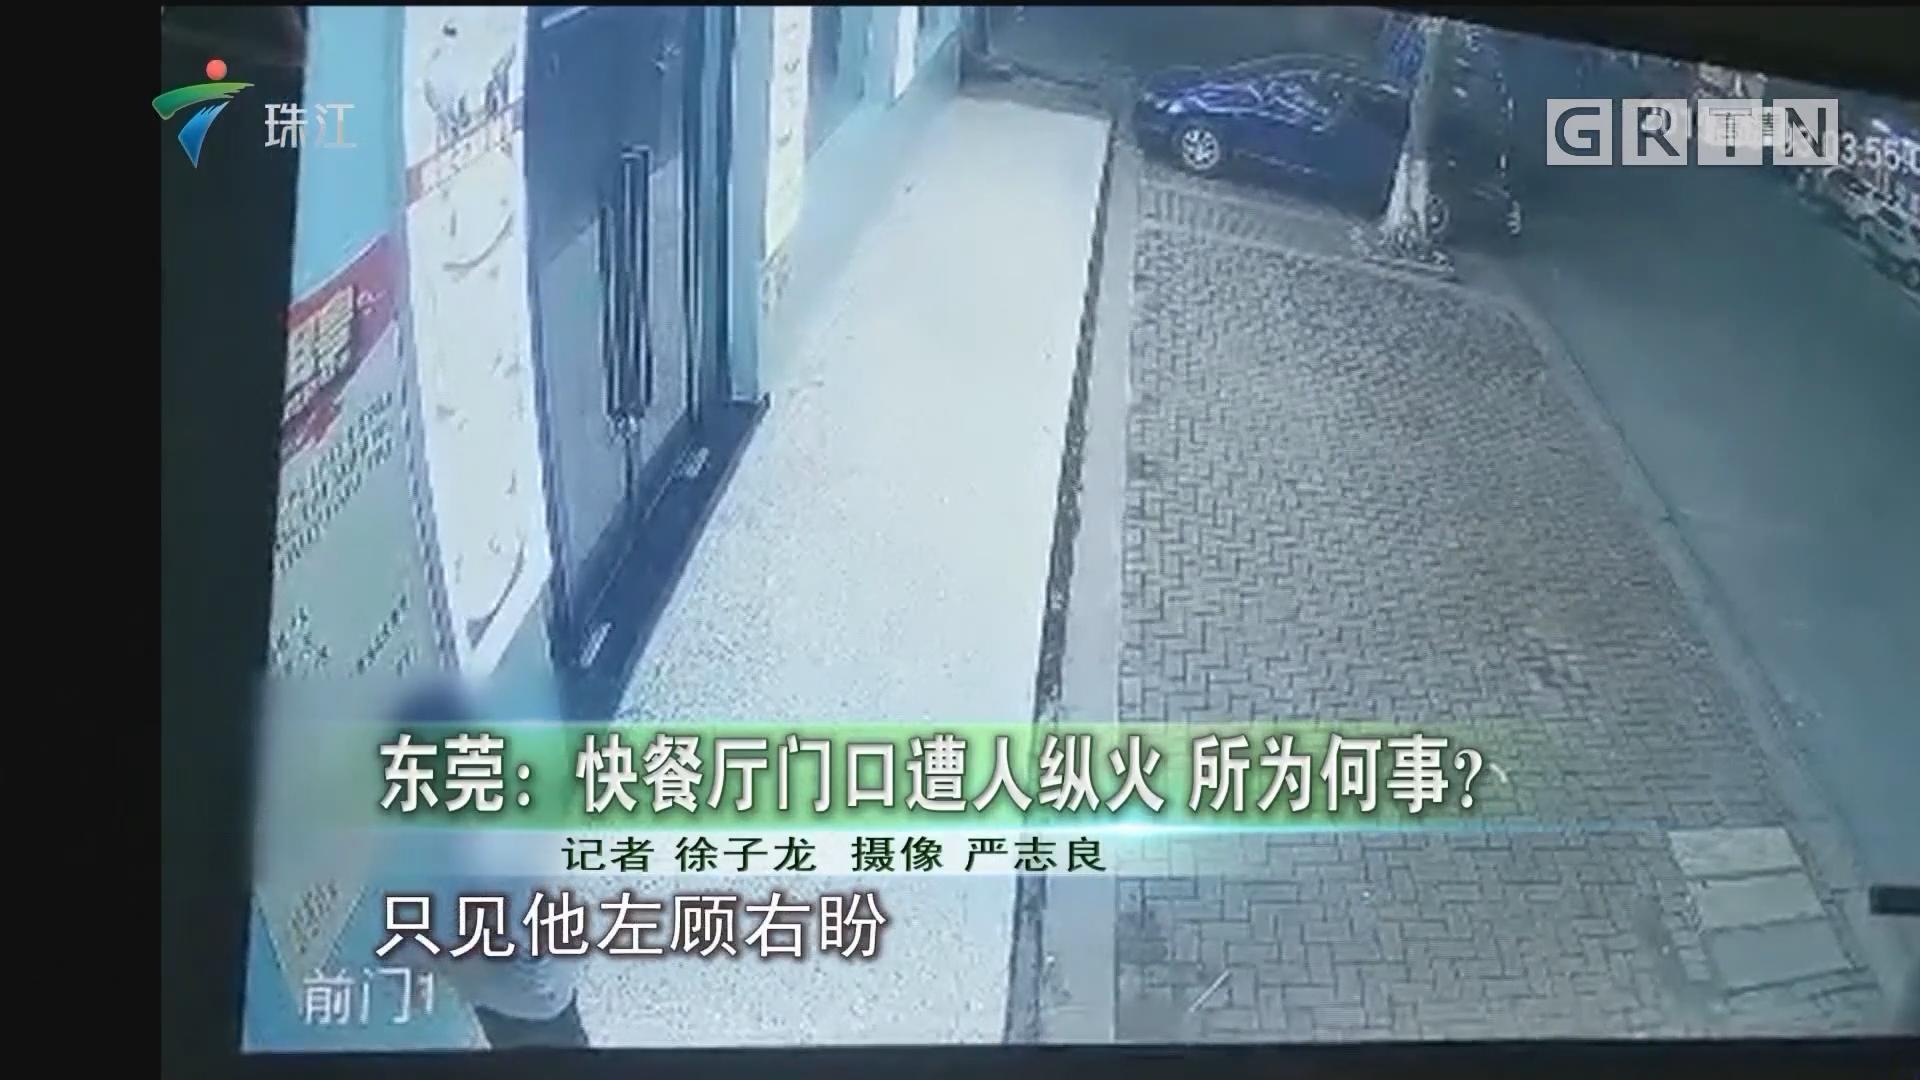 东莞:快餐厅门口遭人纵火 所为何事?